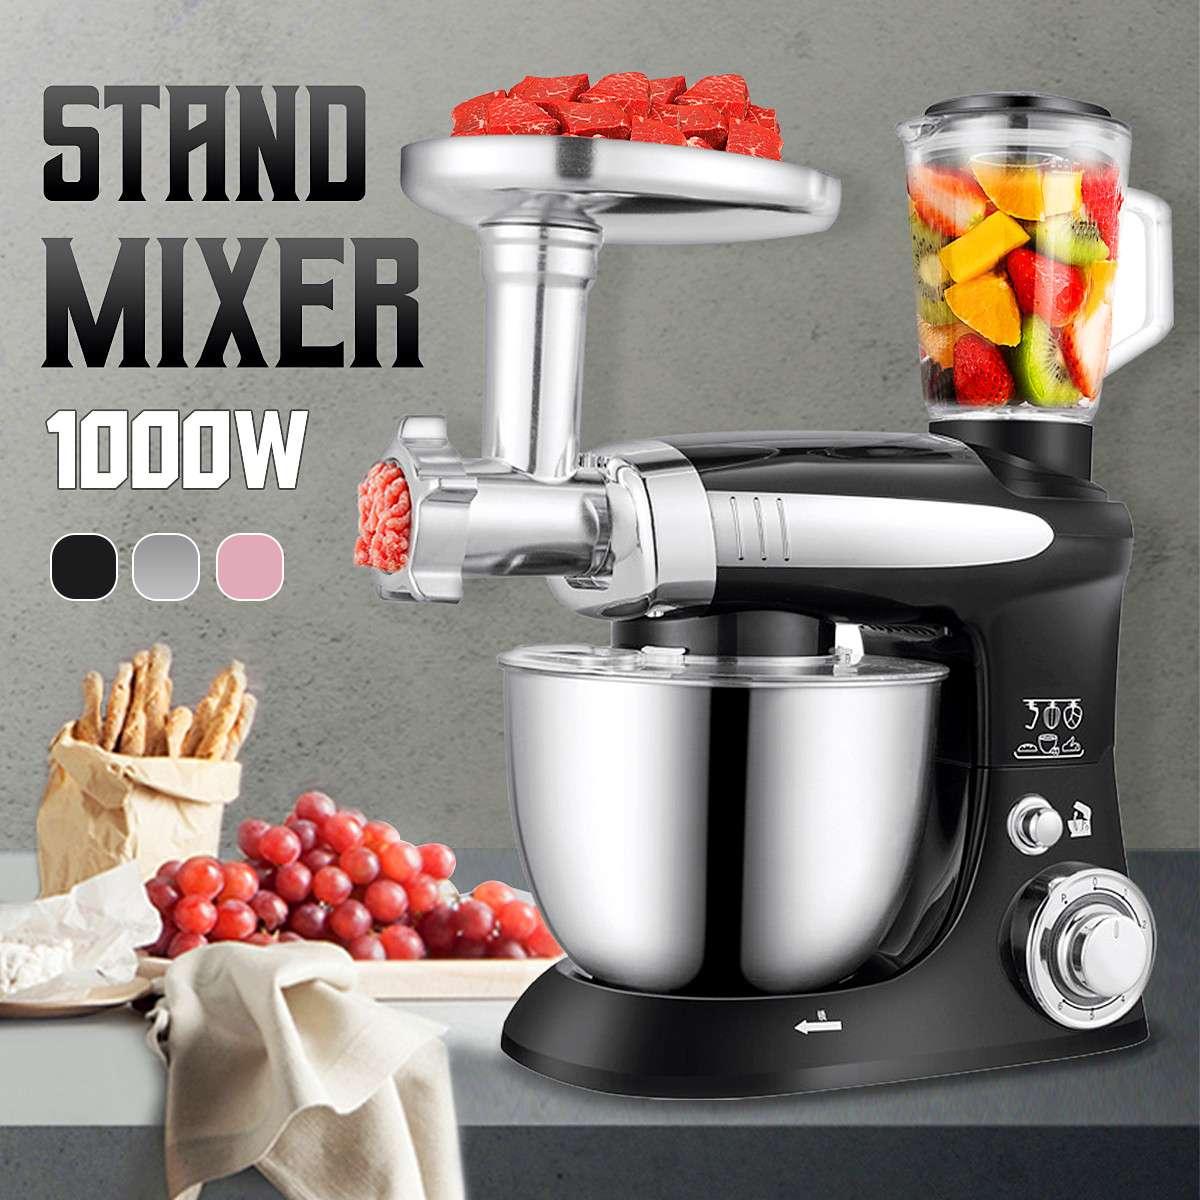 Mélangeur de support multifonctionnel mélangeur de nourriture électrique à 6 vitesses mélangeur de viande 1000 W robot culinaire batteur de pâte à oeufs outils de cuisine